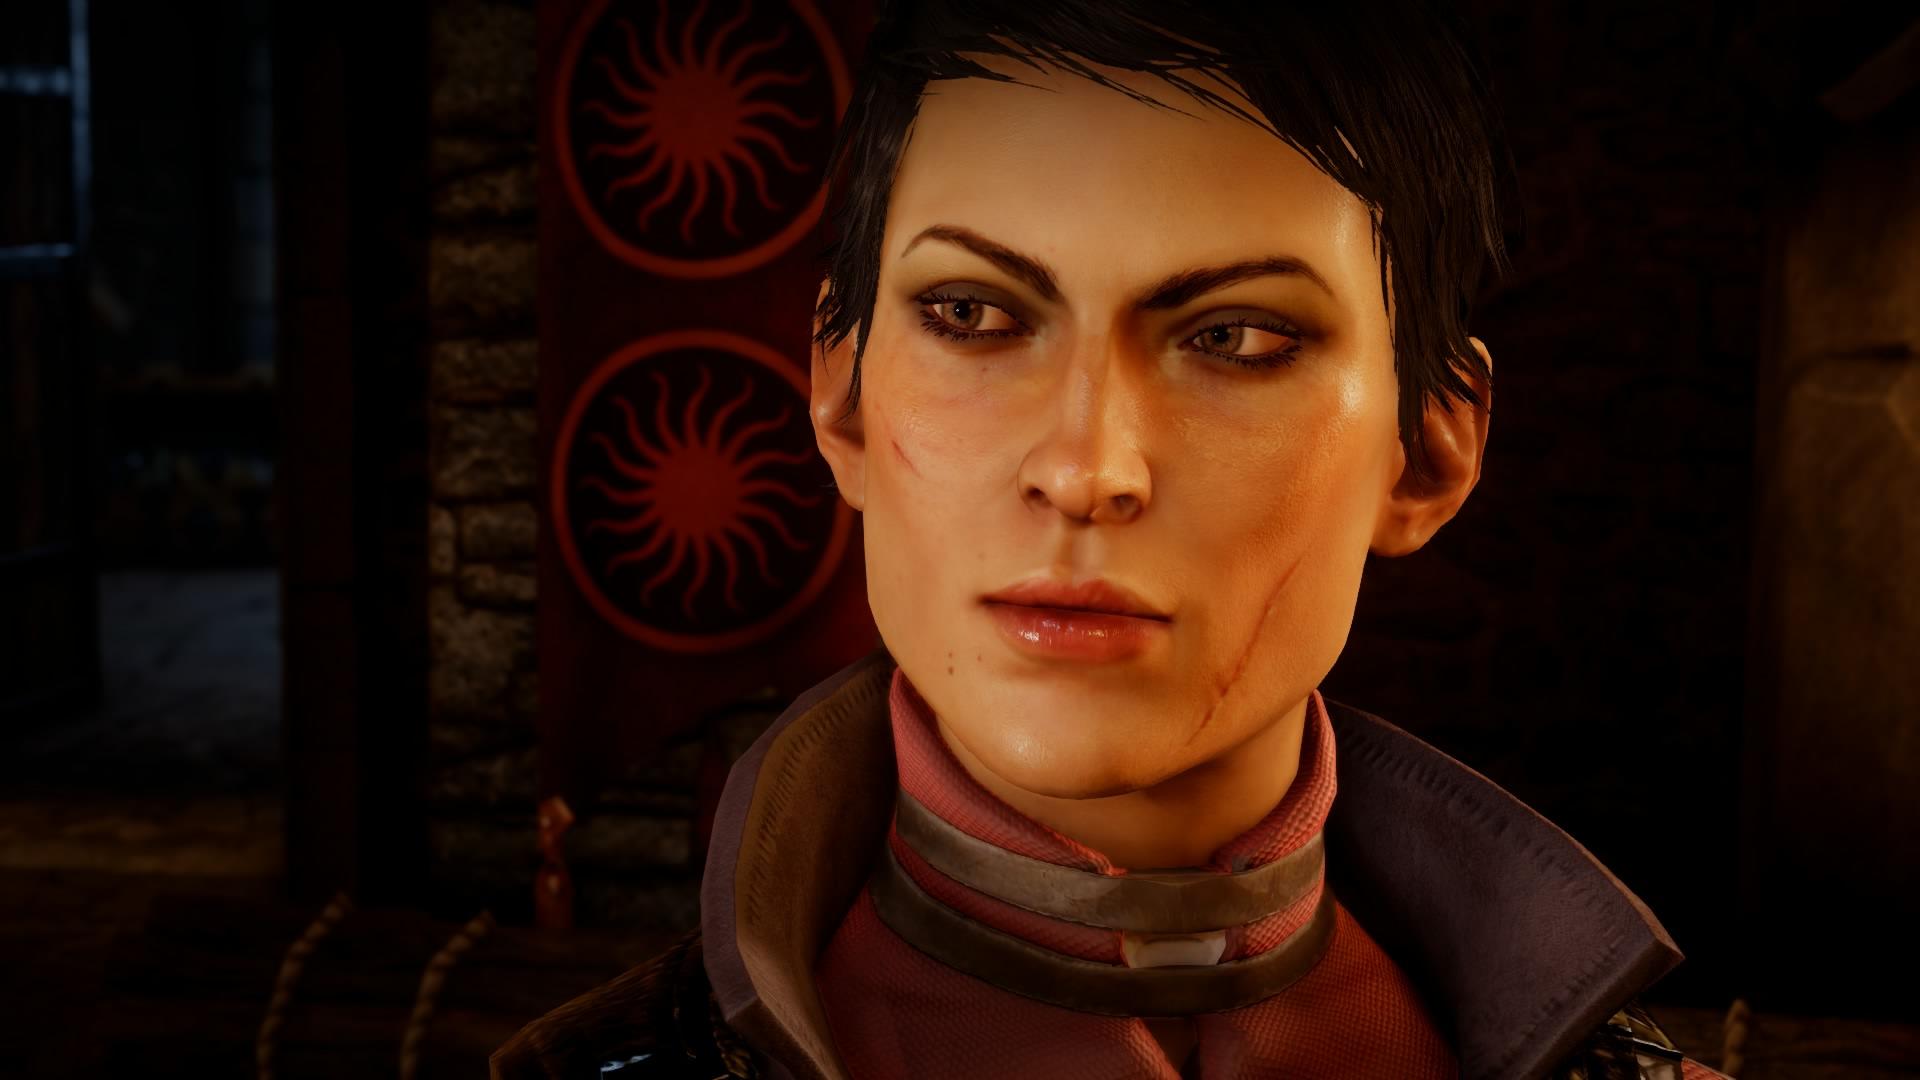 Emocje: poziom zerowy. Dragon Age 4 to najsłabsza zapowiedź The Game Awards 2018